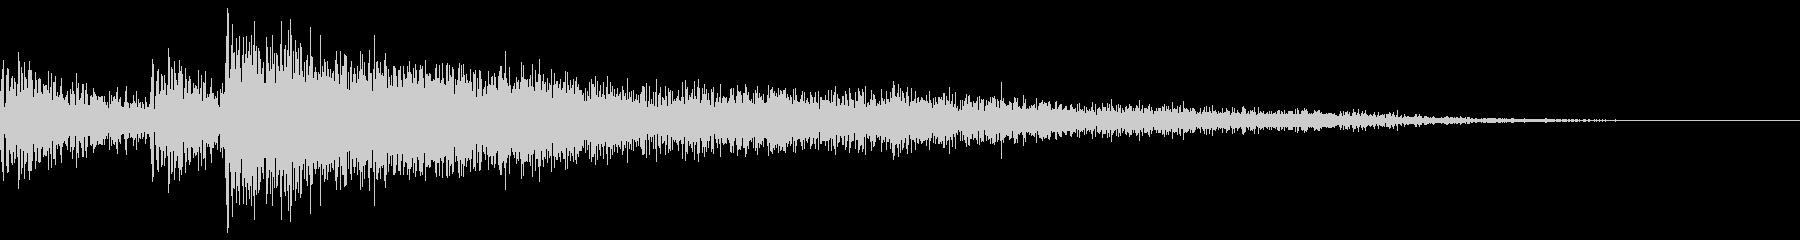 スネアとシンバルによるアクセント的なド…の未再生の波形